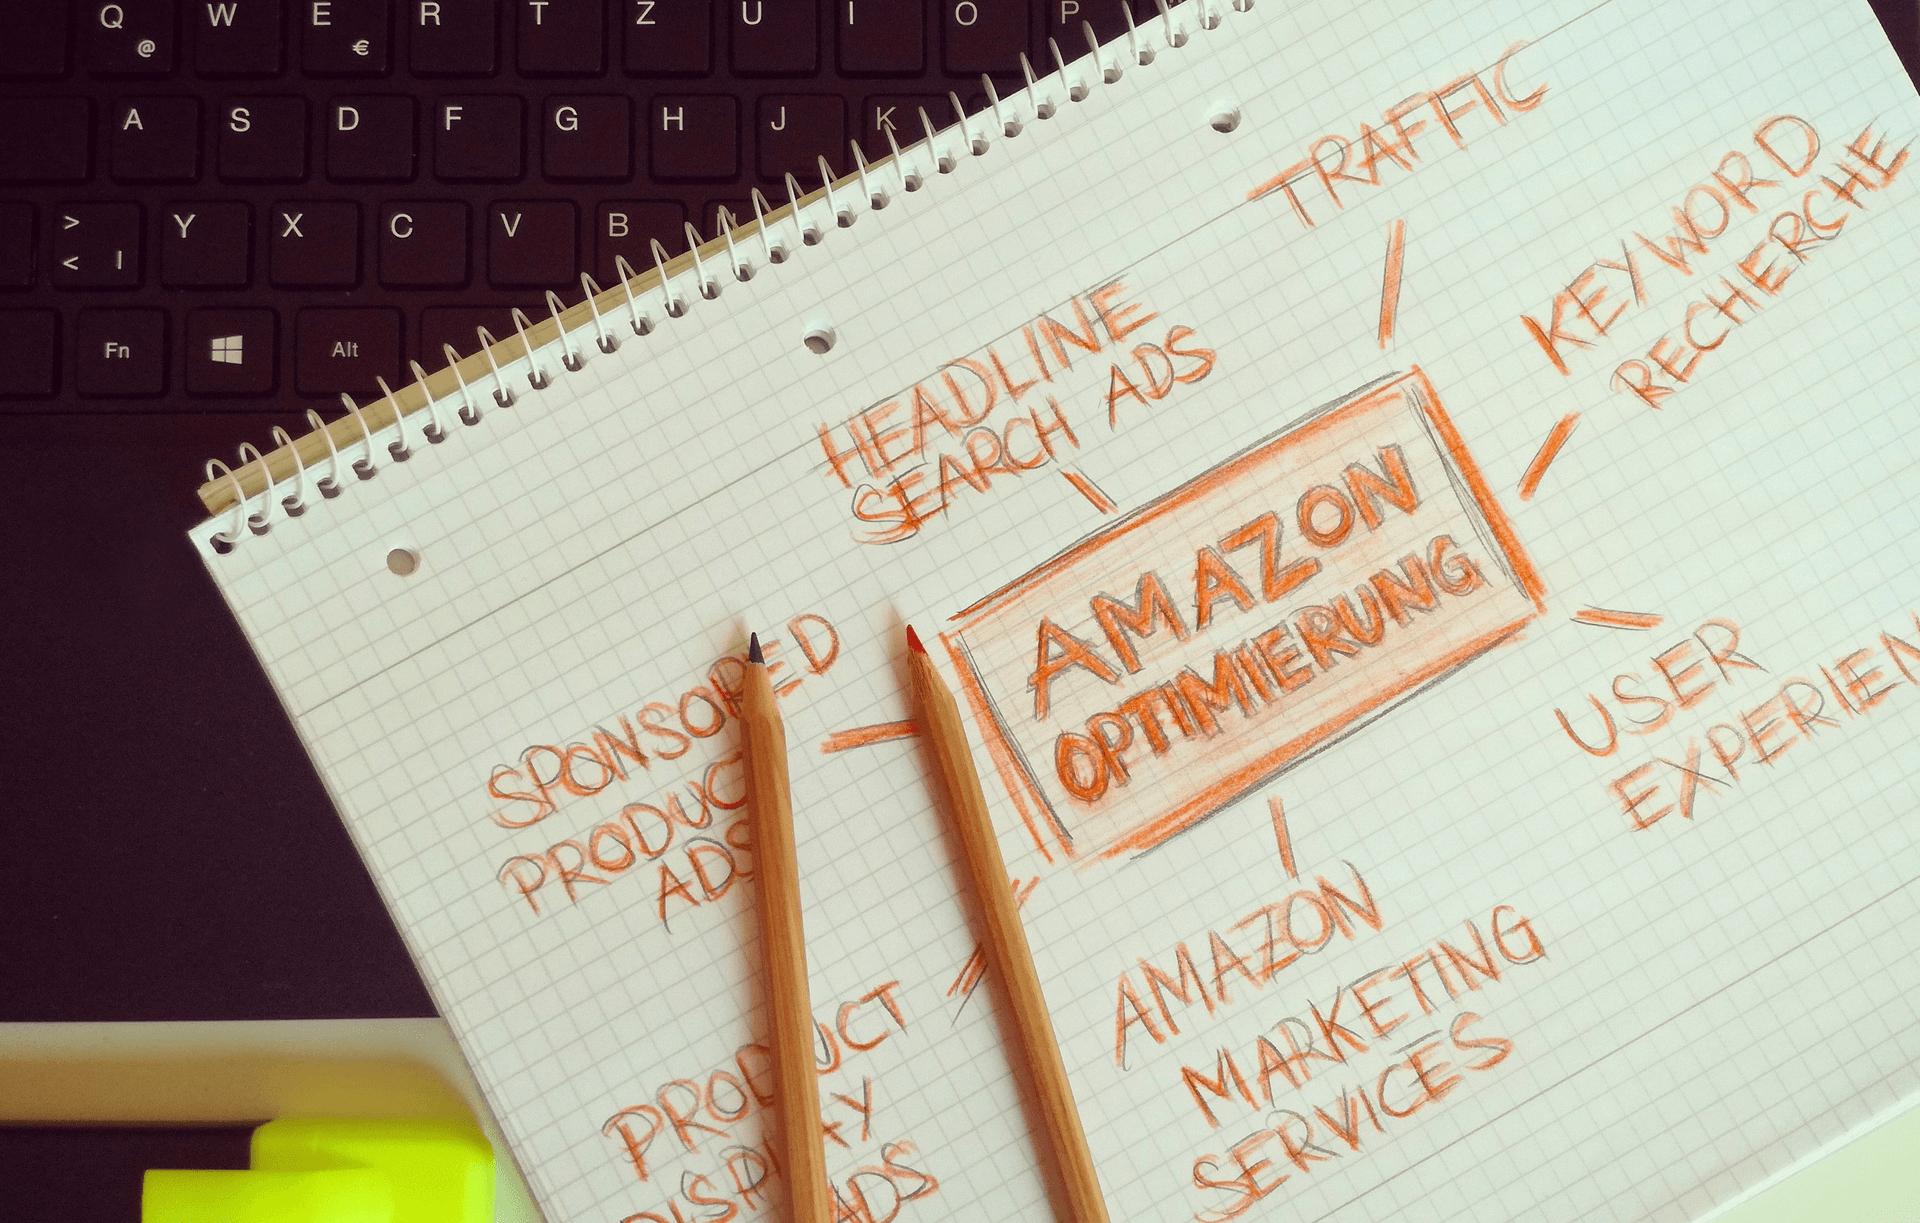 Auf Amazon verkaufen: Wie, Warum und was ist zu beachten?